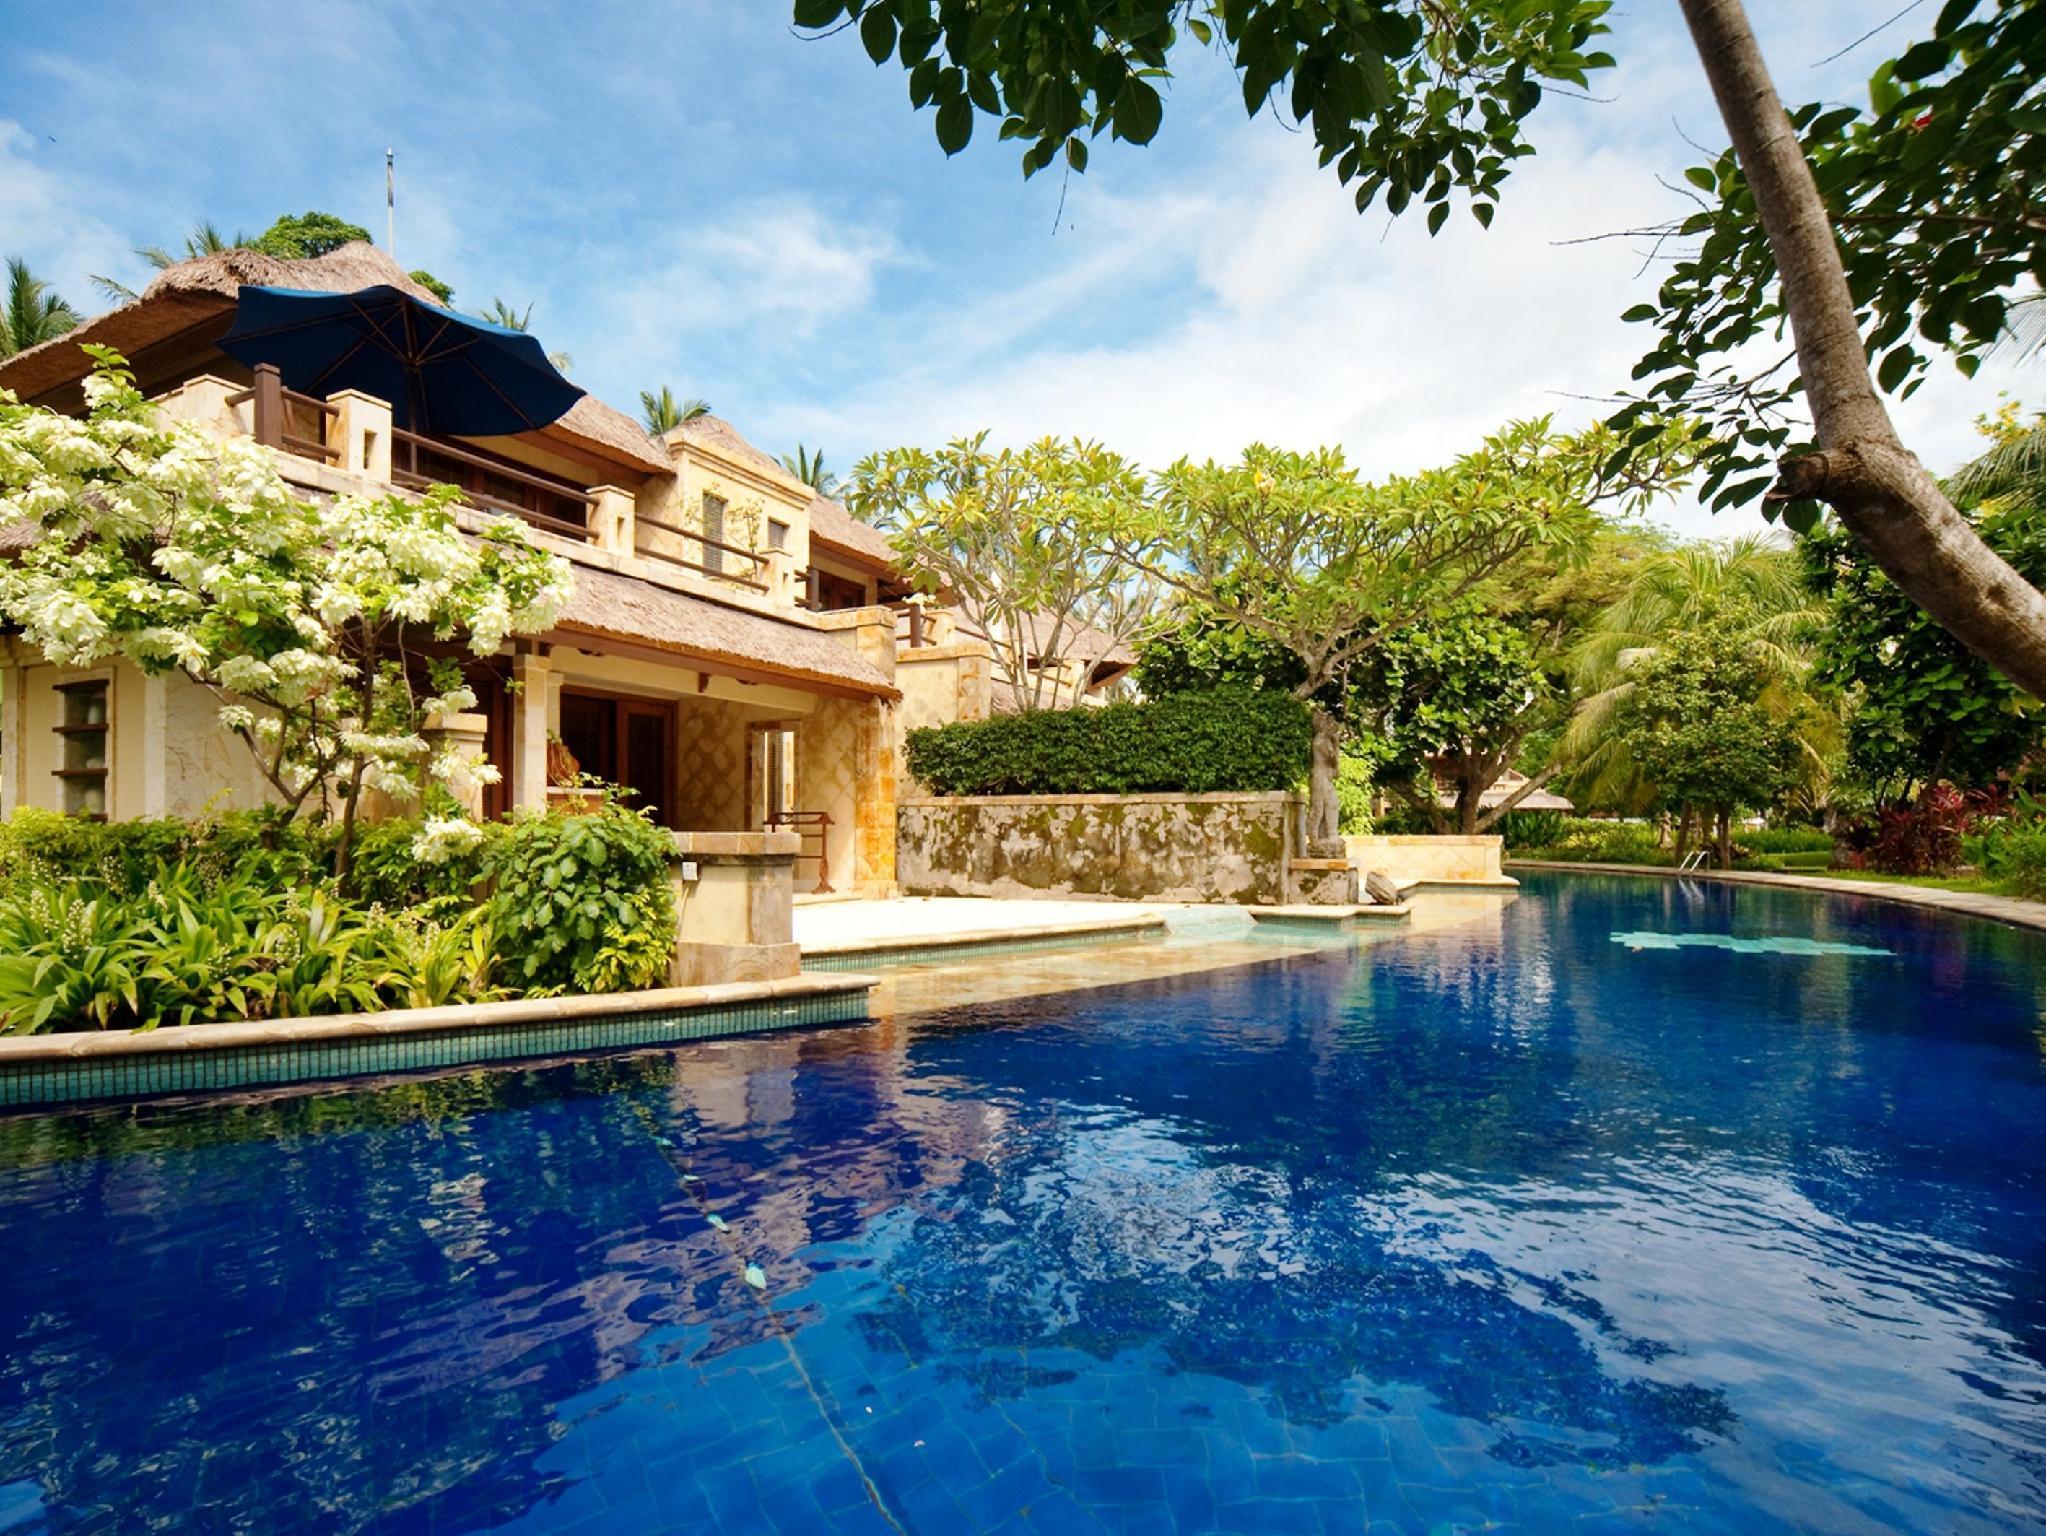 Pool Villa Club Senggigi Beach Hotel